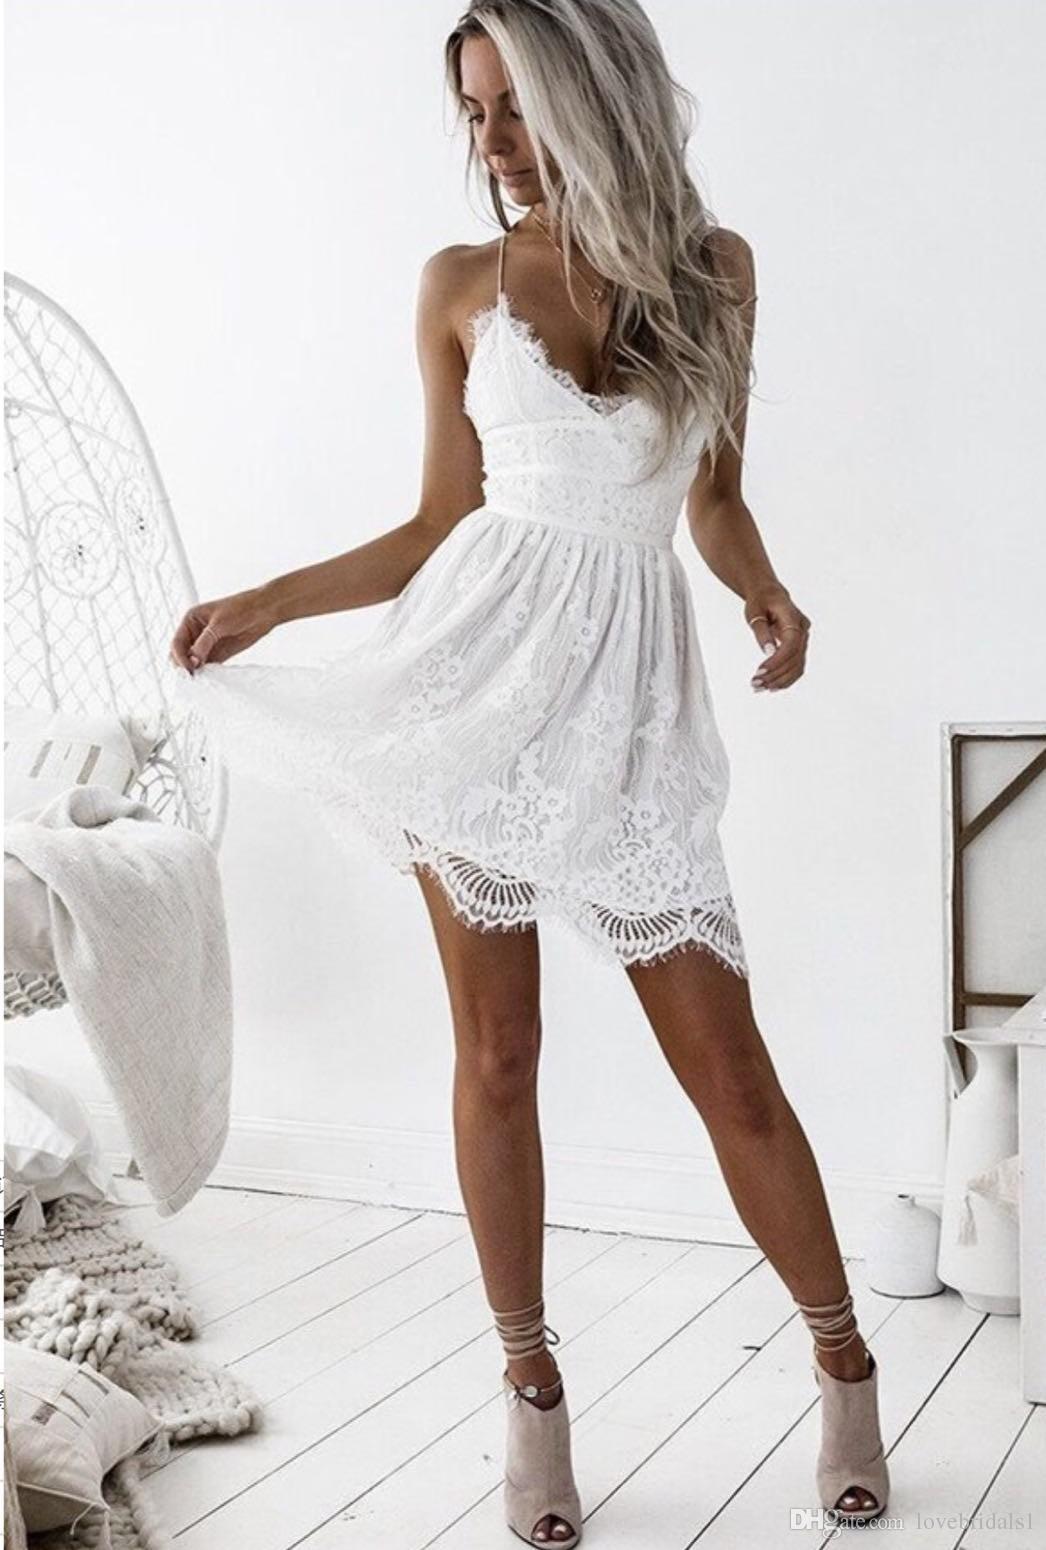 d6e8447aca Compre Sexy Espagueti Corto Cóctel Dresse Pequeño Vestido Blanco Espalda  Criss Cruzado Encaje Vestidos De Regreso Al Hogar Por Encargo A  78.4 Del  ...